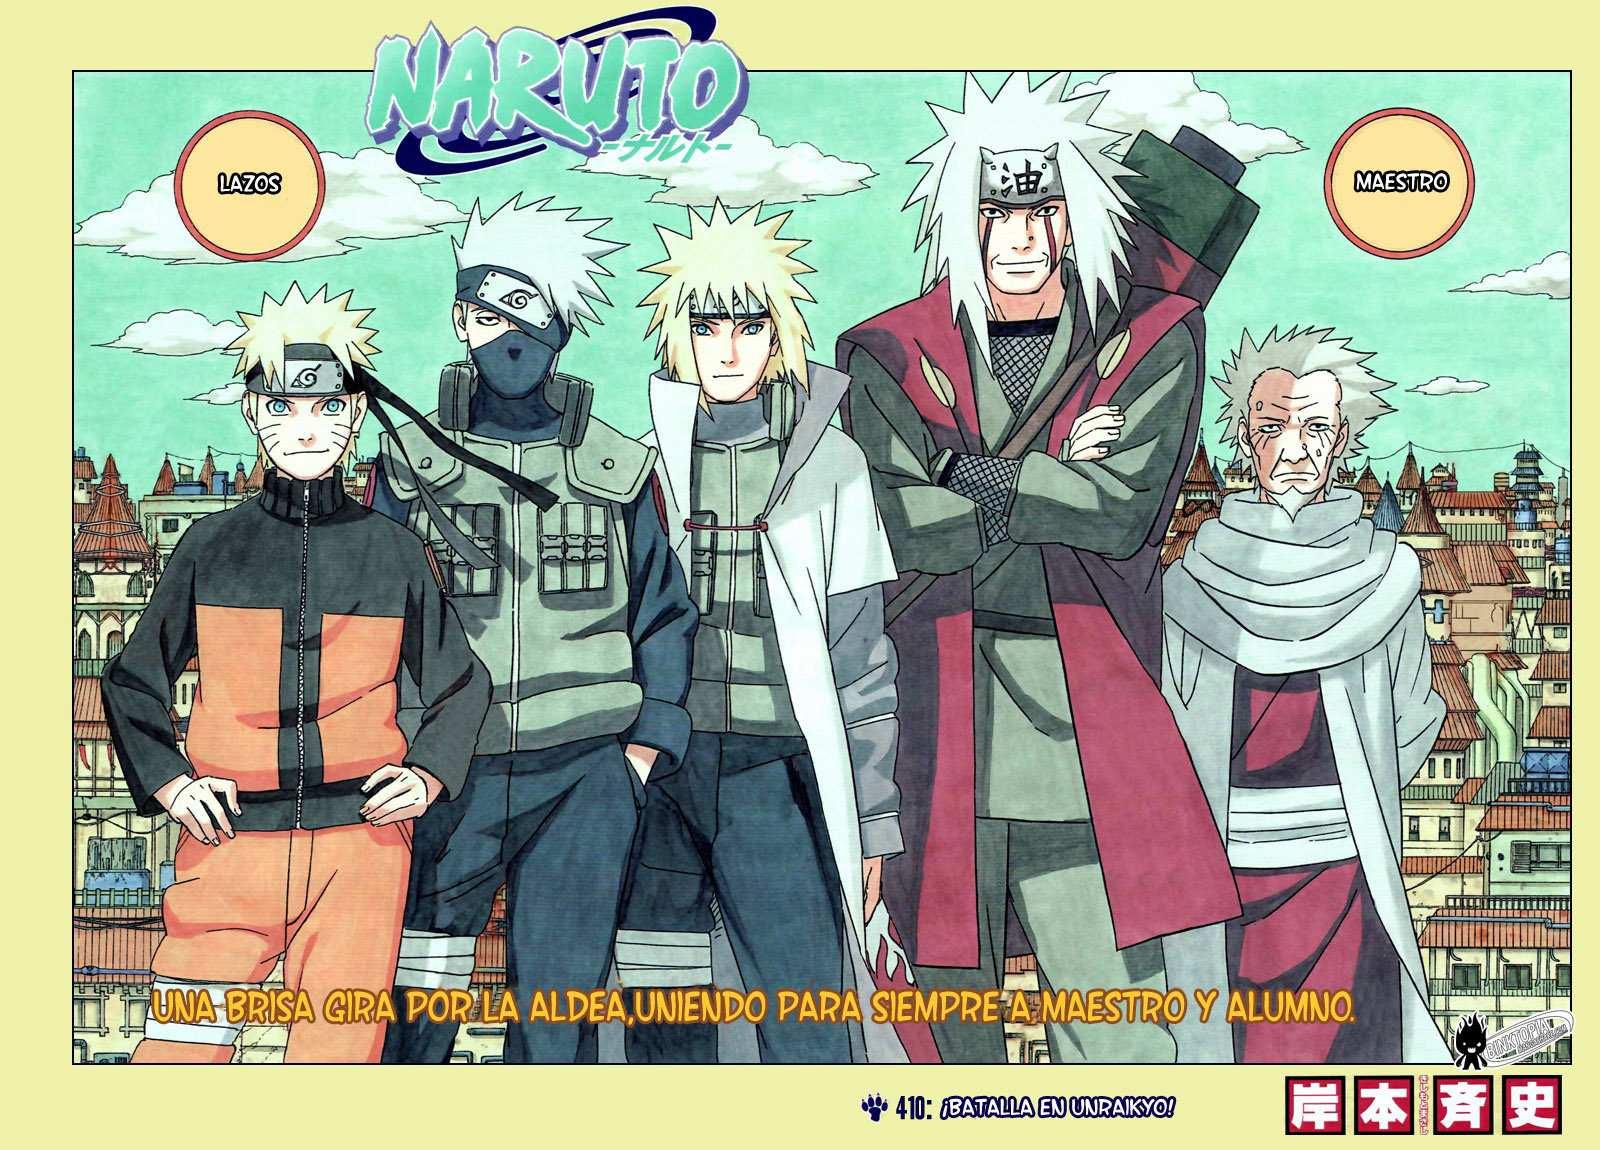 Ocio Pirata: Naruto. Manga